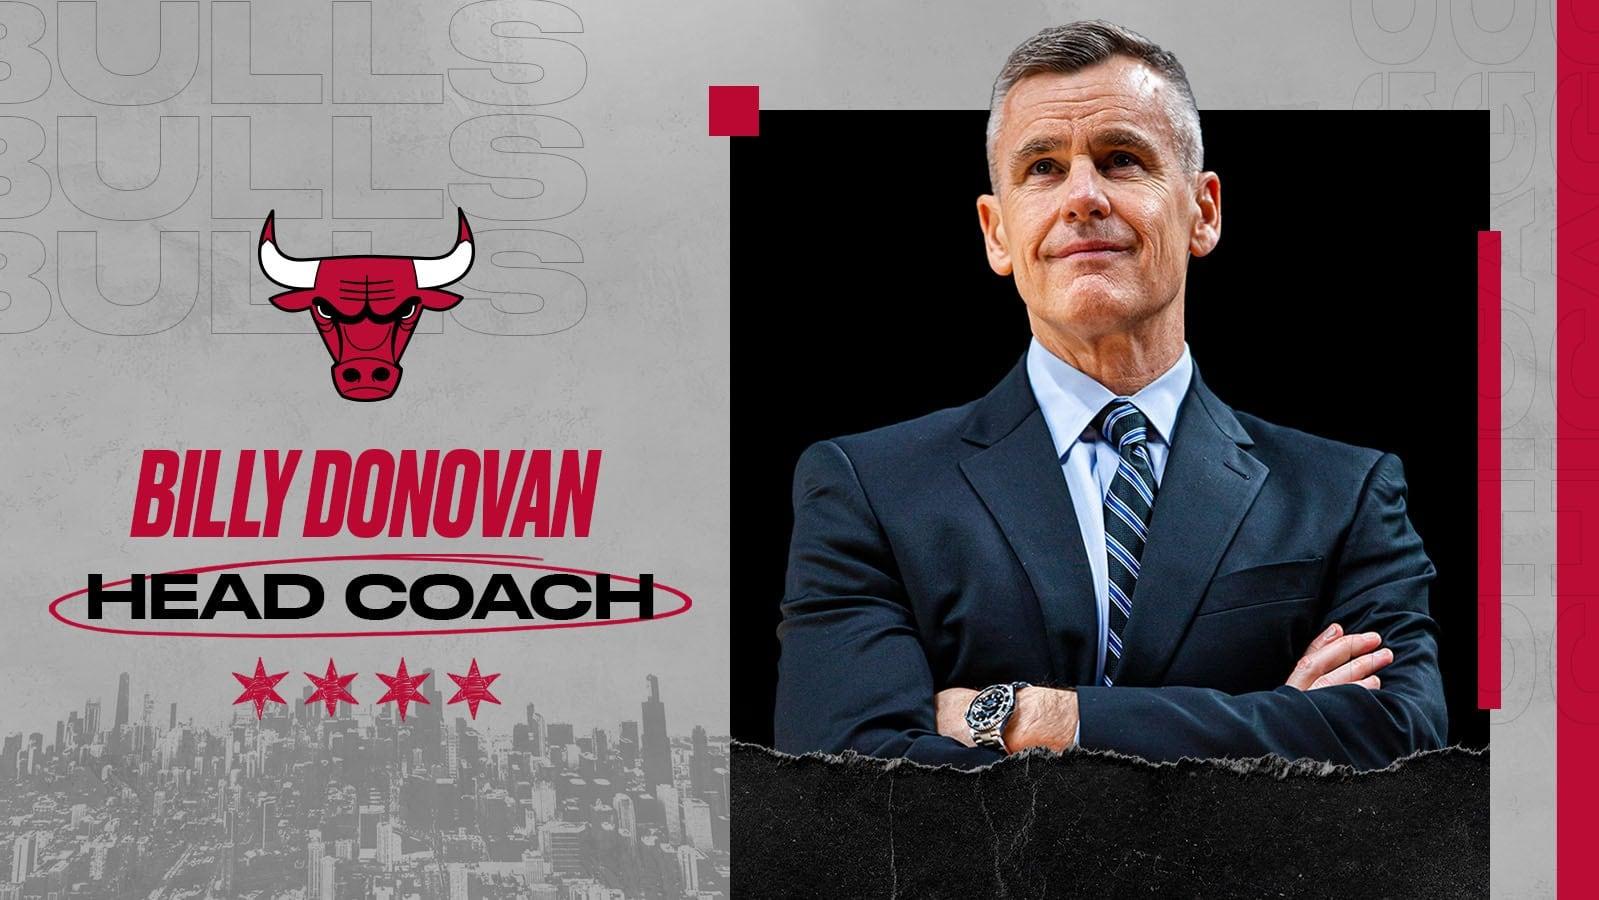 Chicago oficializa llegada de Billy Donovan como nuevo entrenador